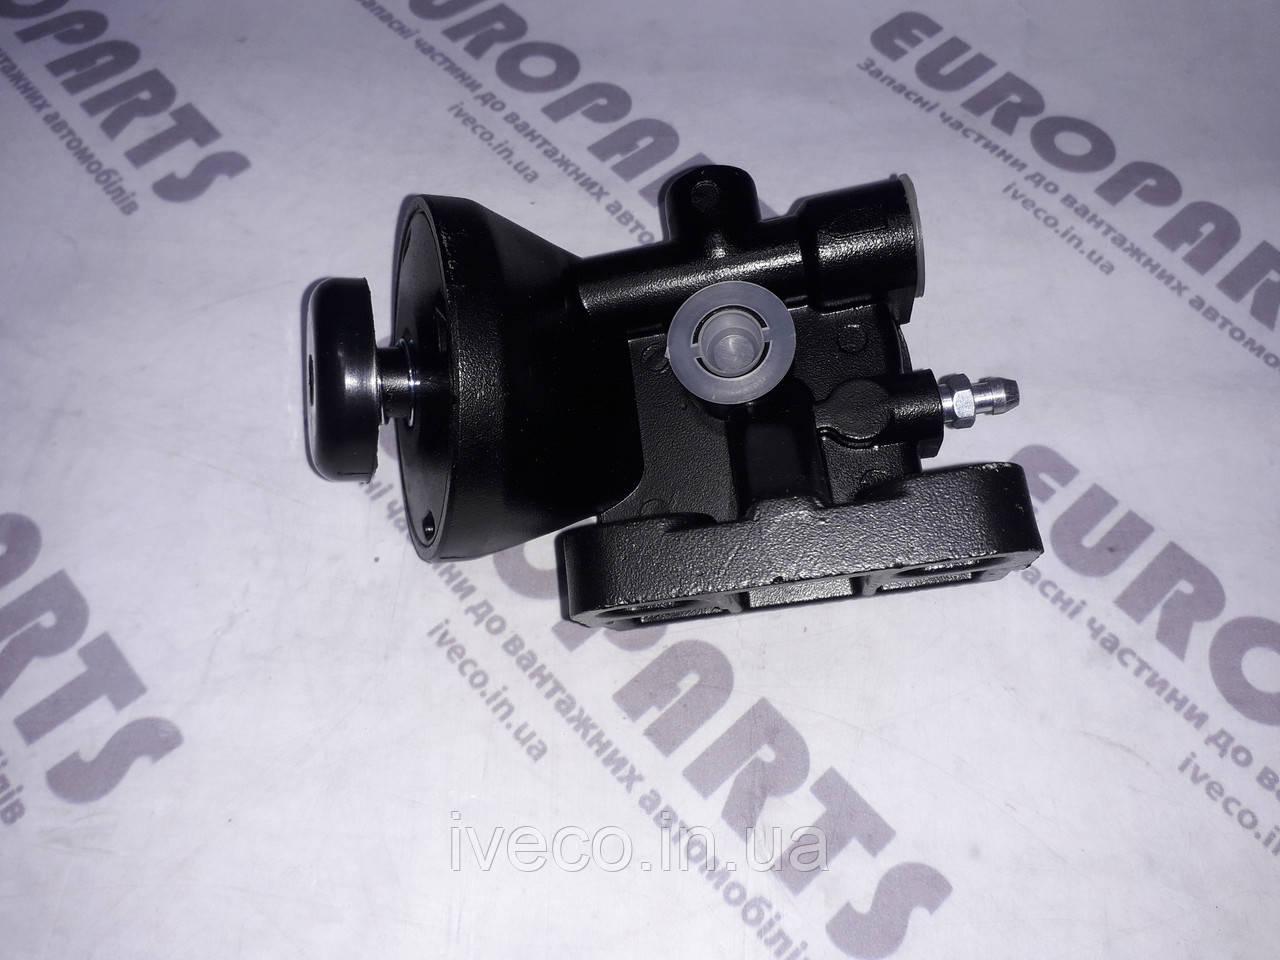 Кронштейн топливного фильтра для Iveco EuroCargo EuroTech EuroStar Ивеко 500316868 500316676